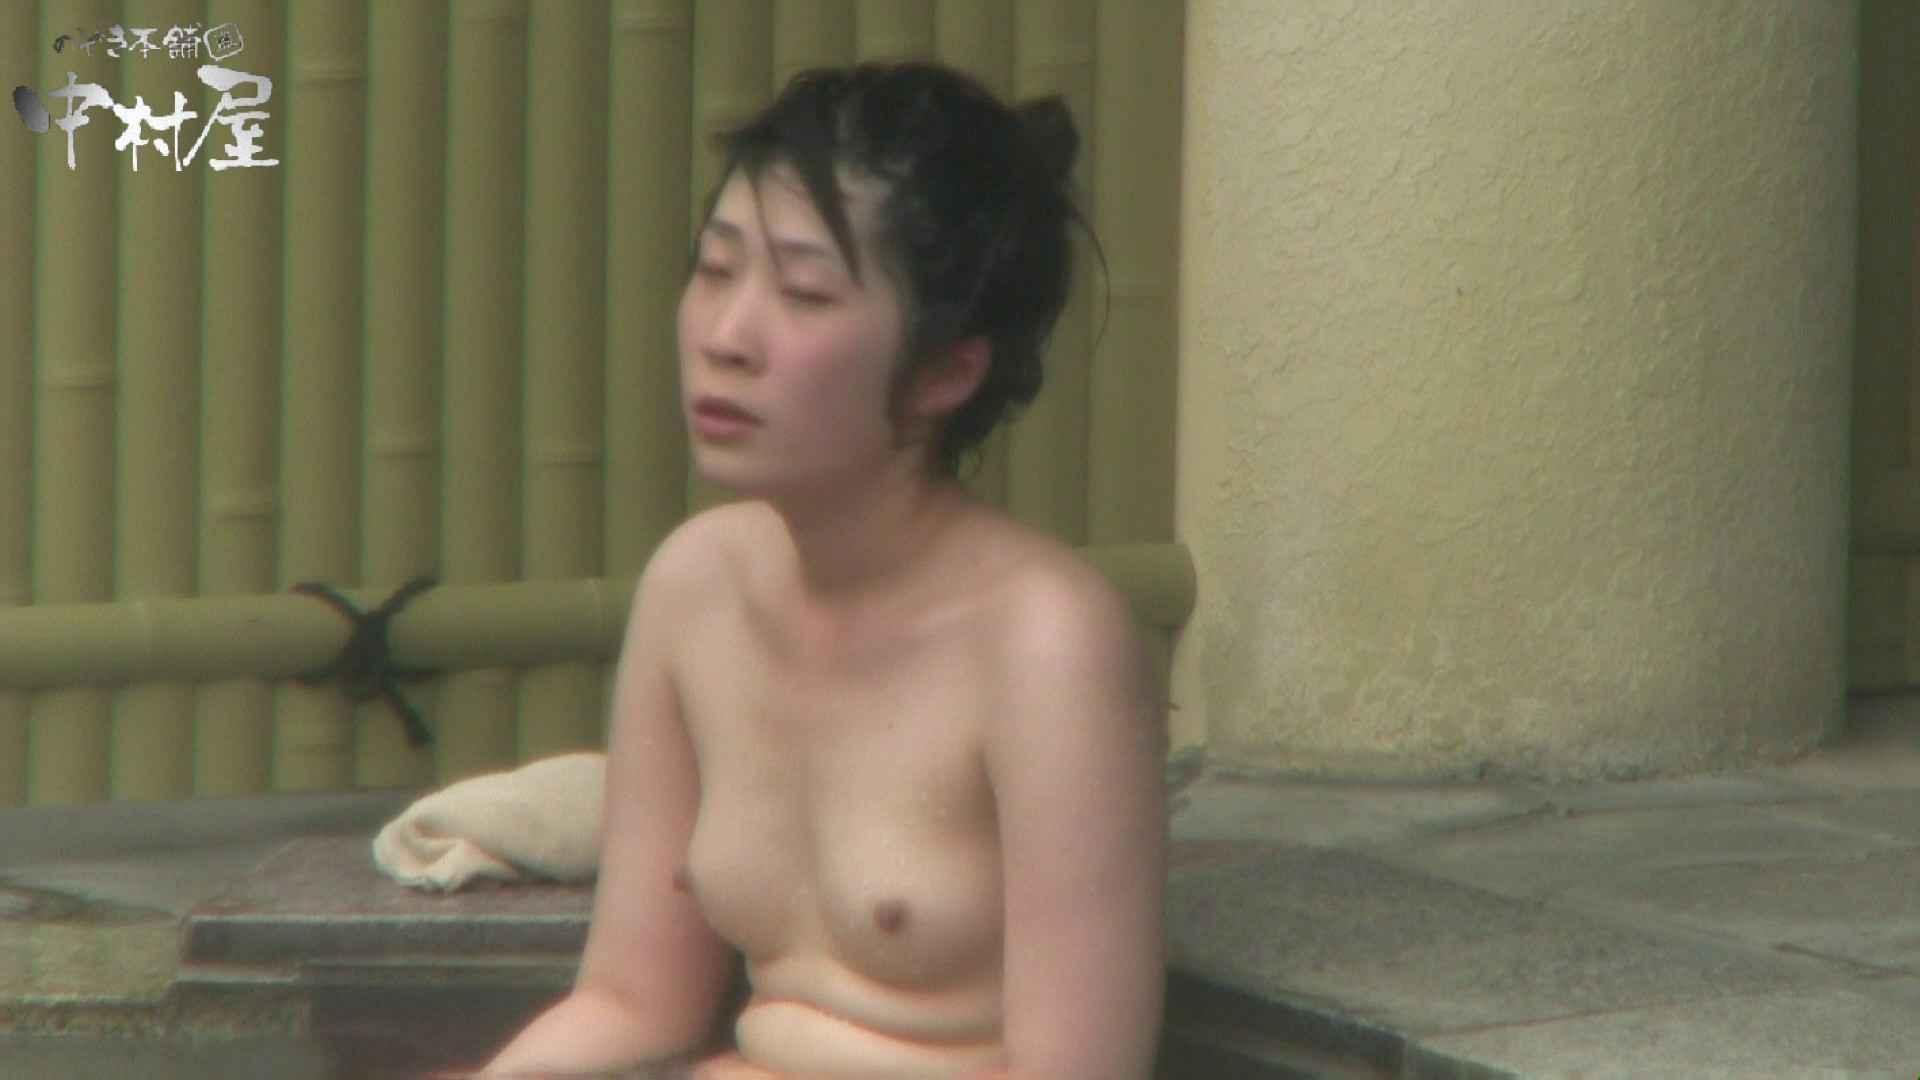 Aquaな露天風呂Vol.955 美しいOLの裸体 エロ無料画像 85pic 26